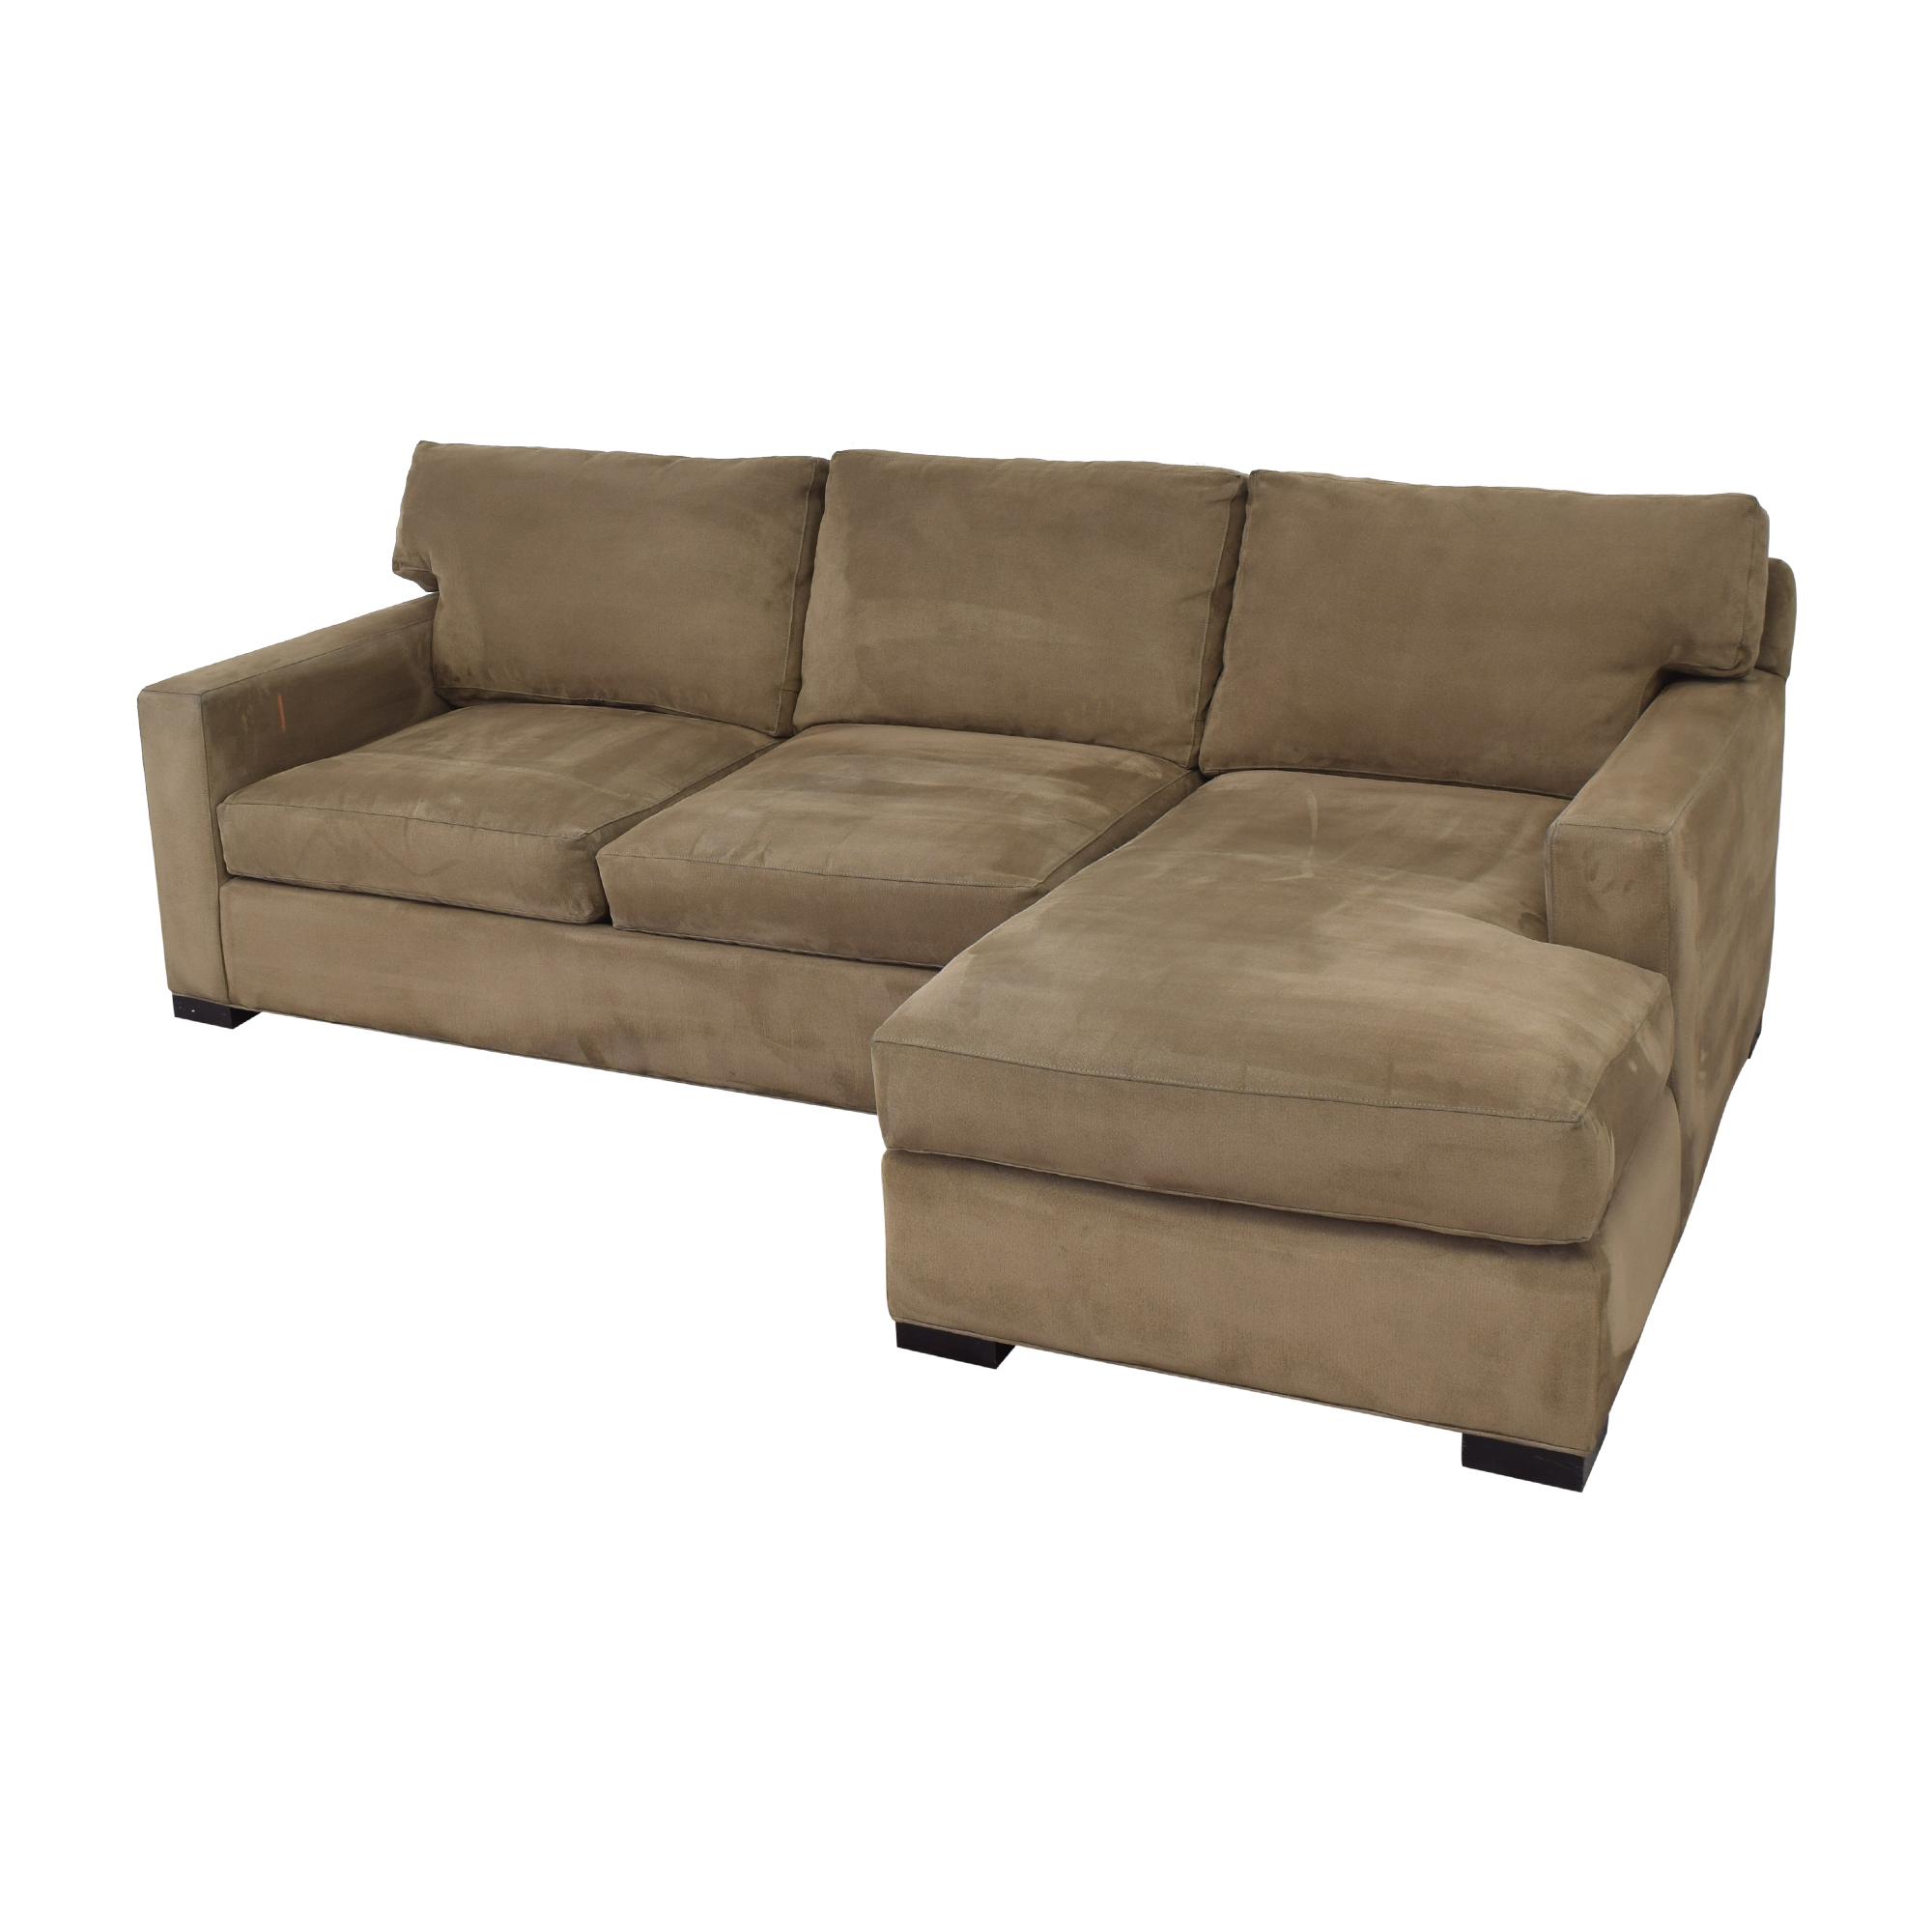 shop Crate & Barrel Axis Sectional Sofa Crate & Barrel